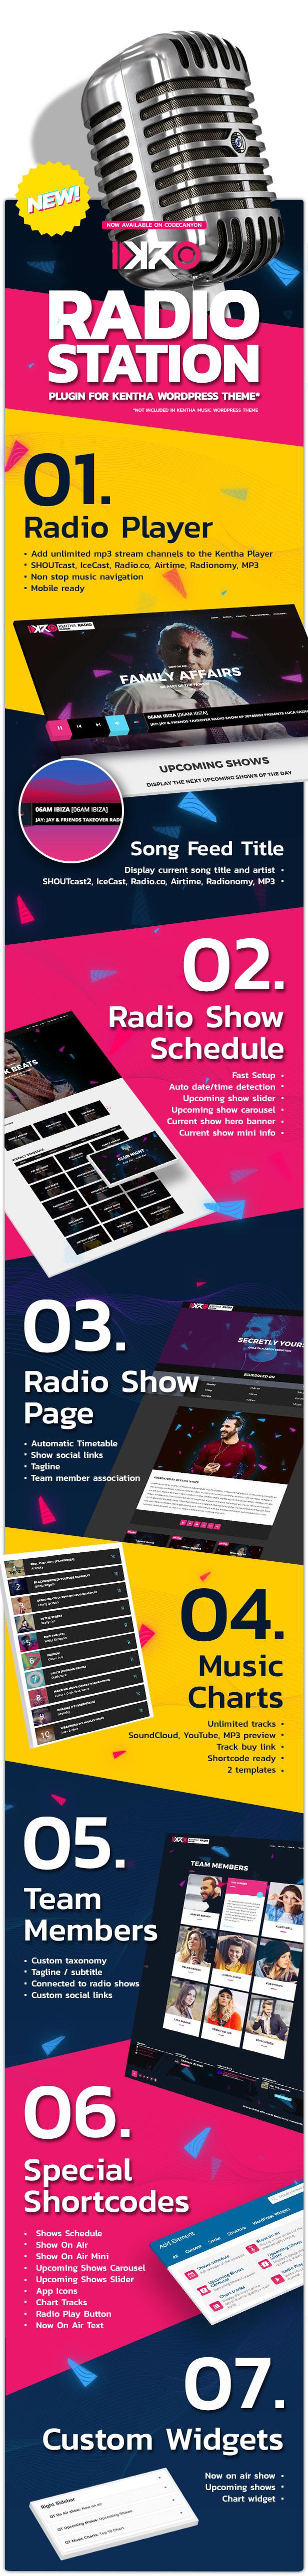 KenthaRadio - Menambahkan tema Kentha Music WordPress untuk meningkatkan fungsionalitas stasiun radio dan jadwal Anda - 5